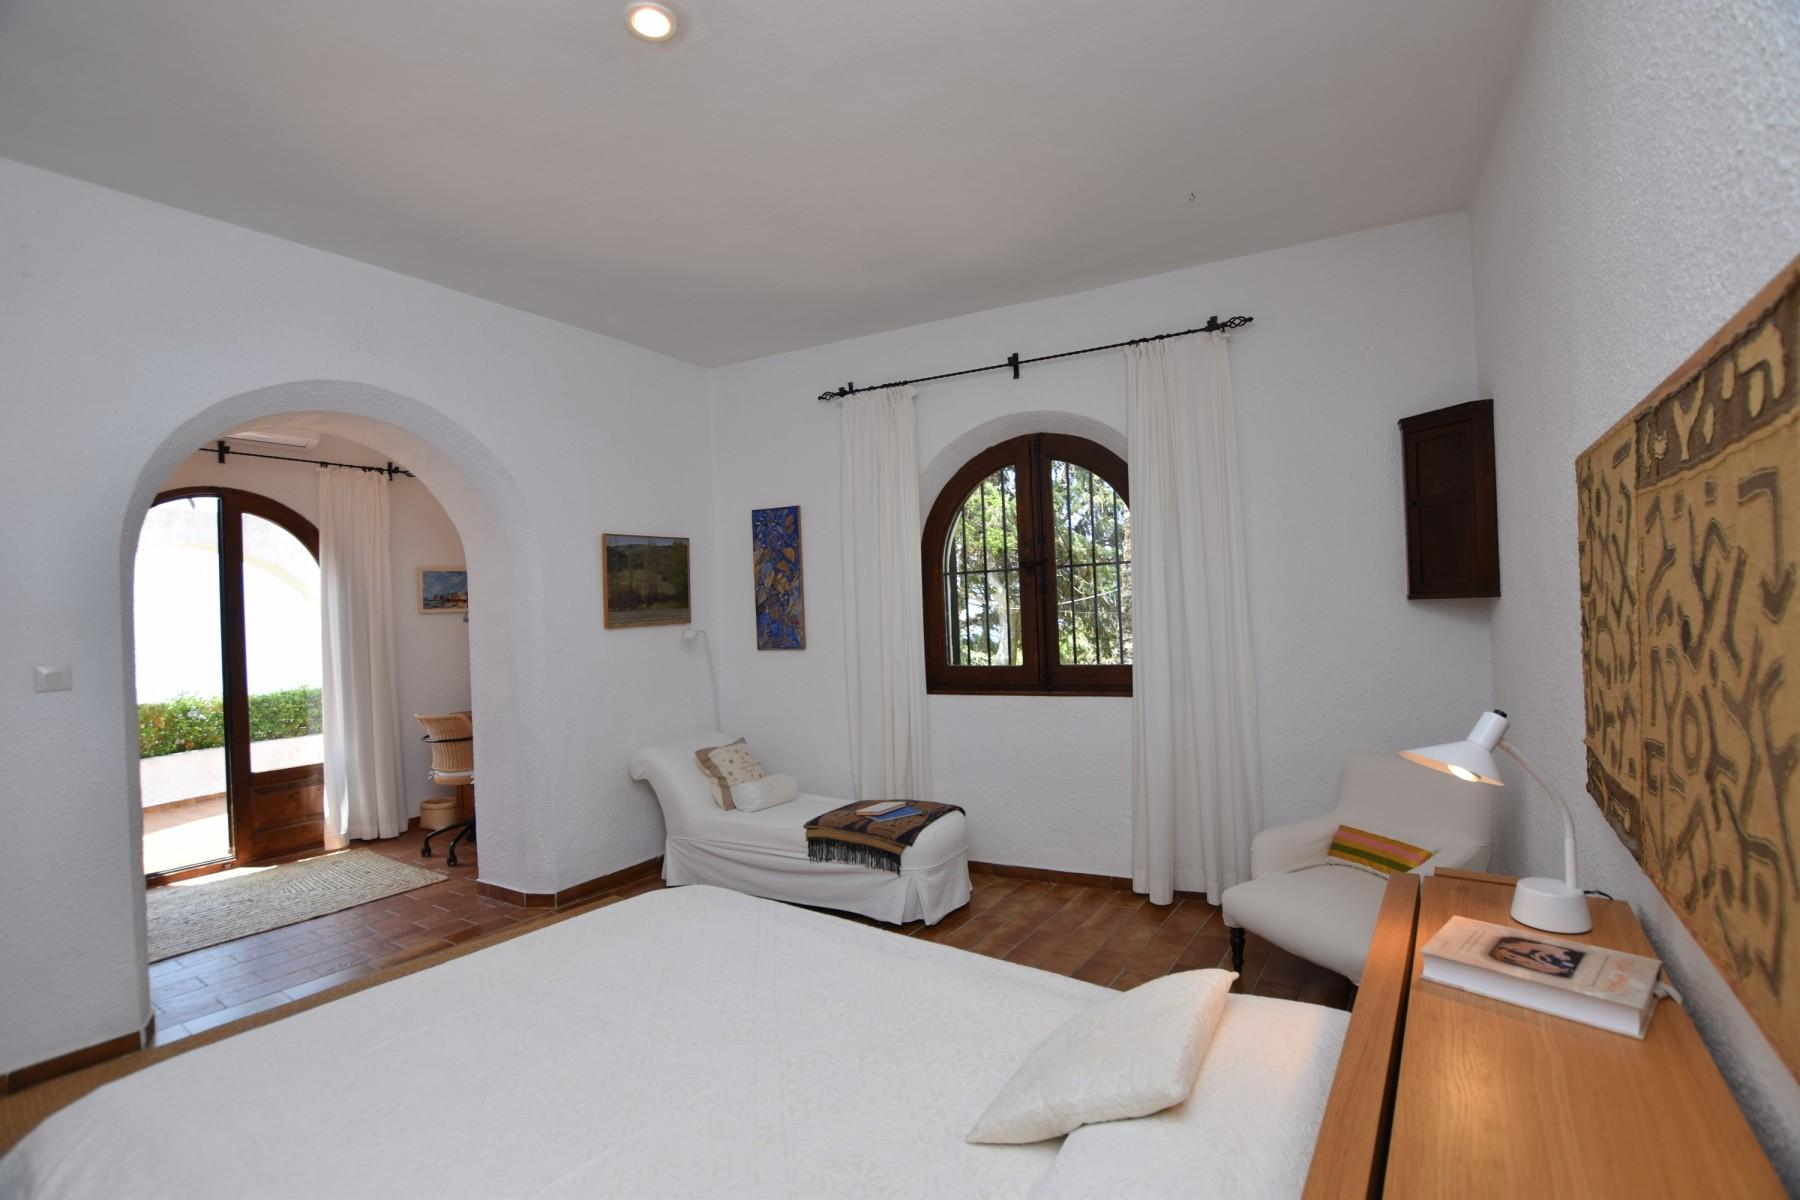 El Balcon - Dormitorio principal